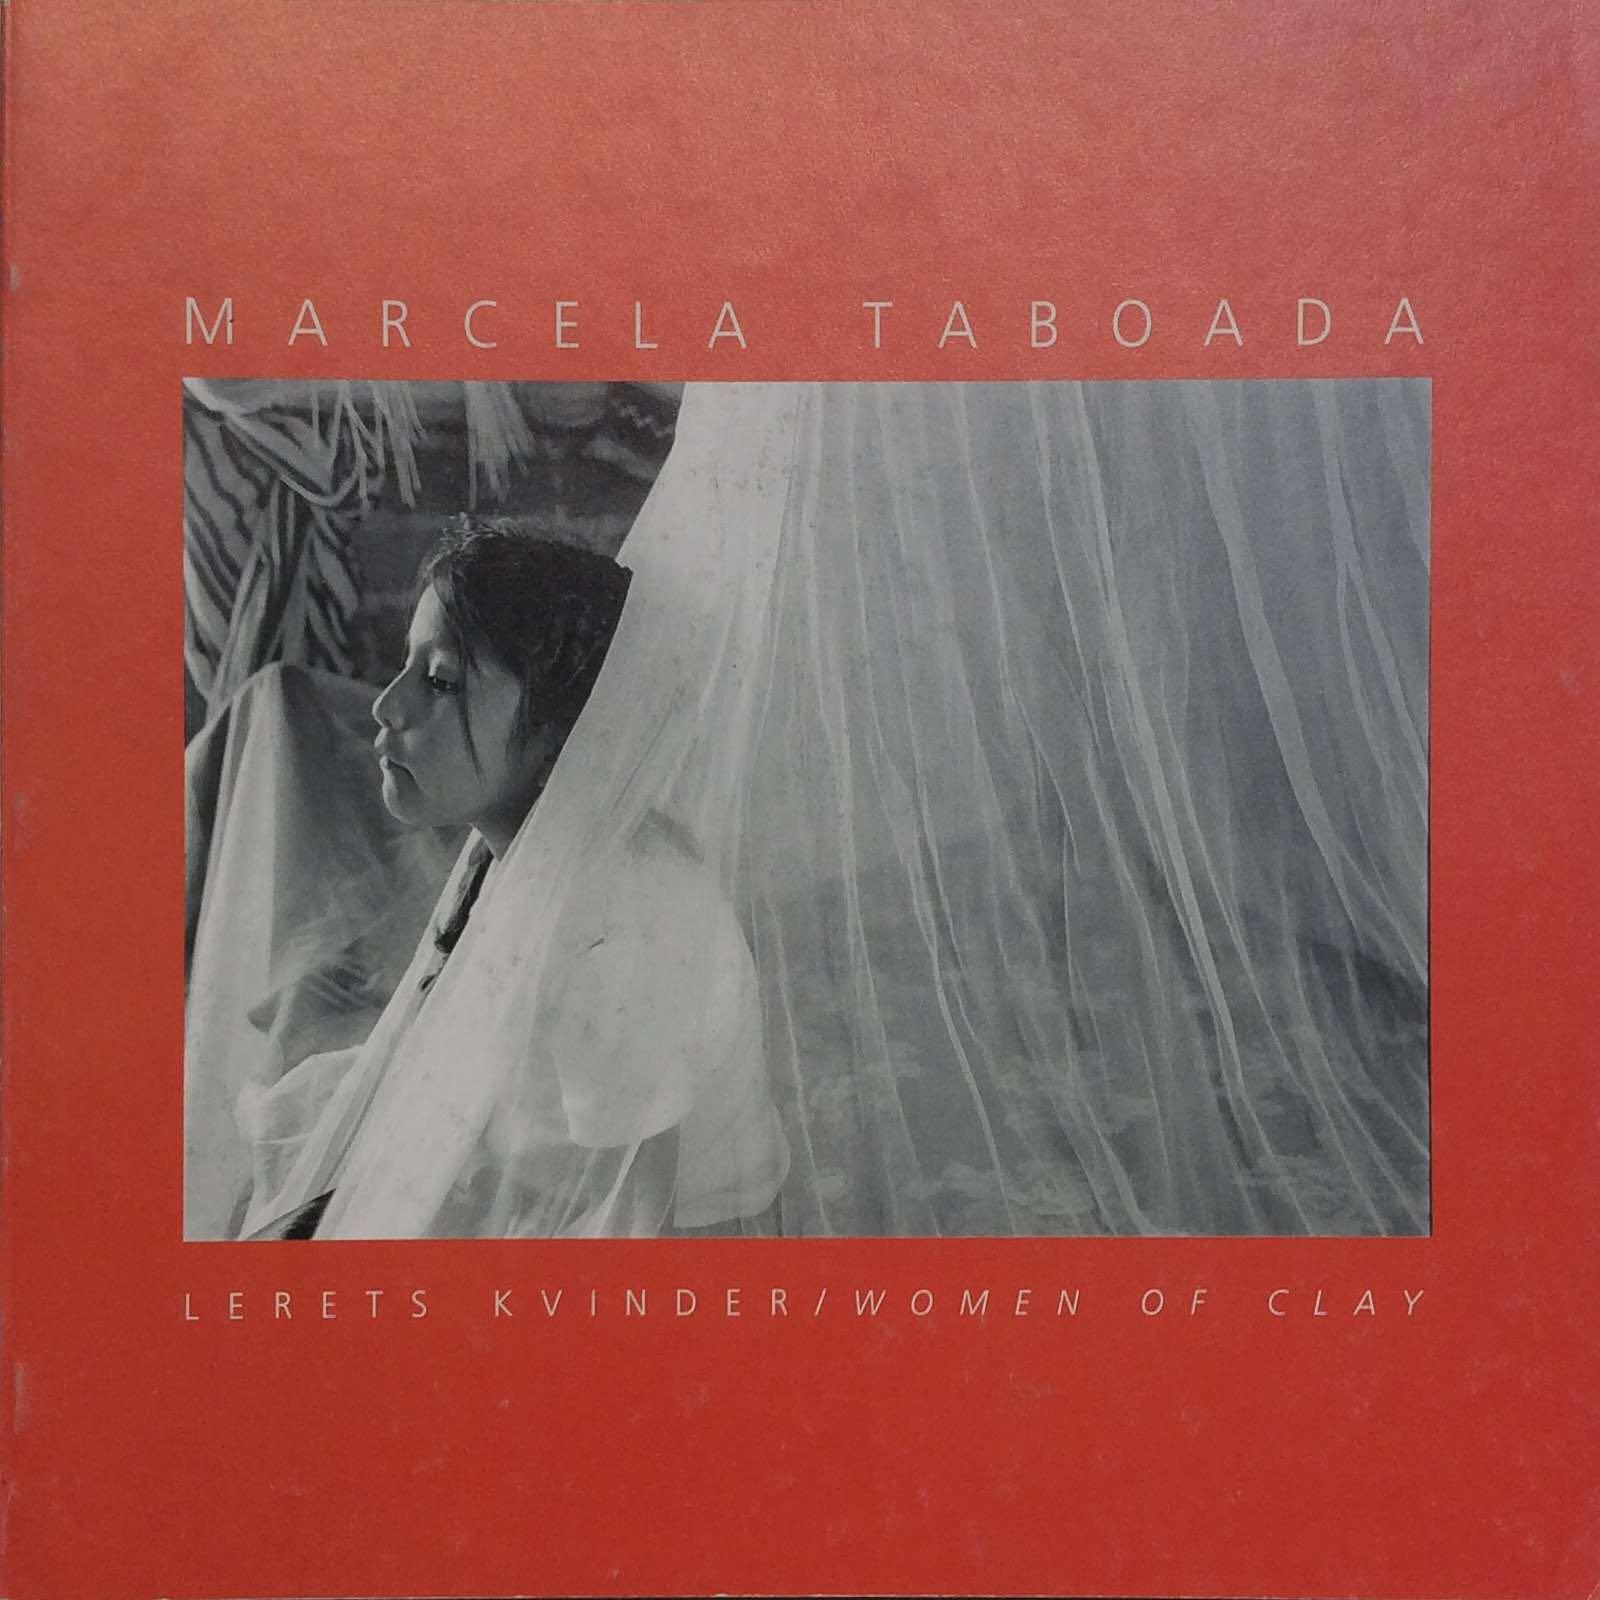 Taboada, Marcela. Lerets Kvinder